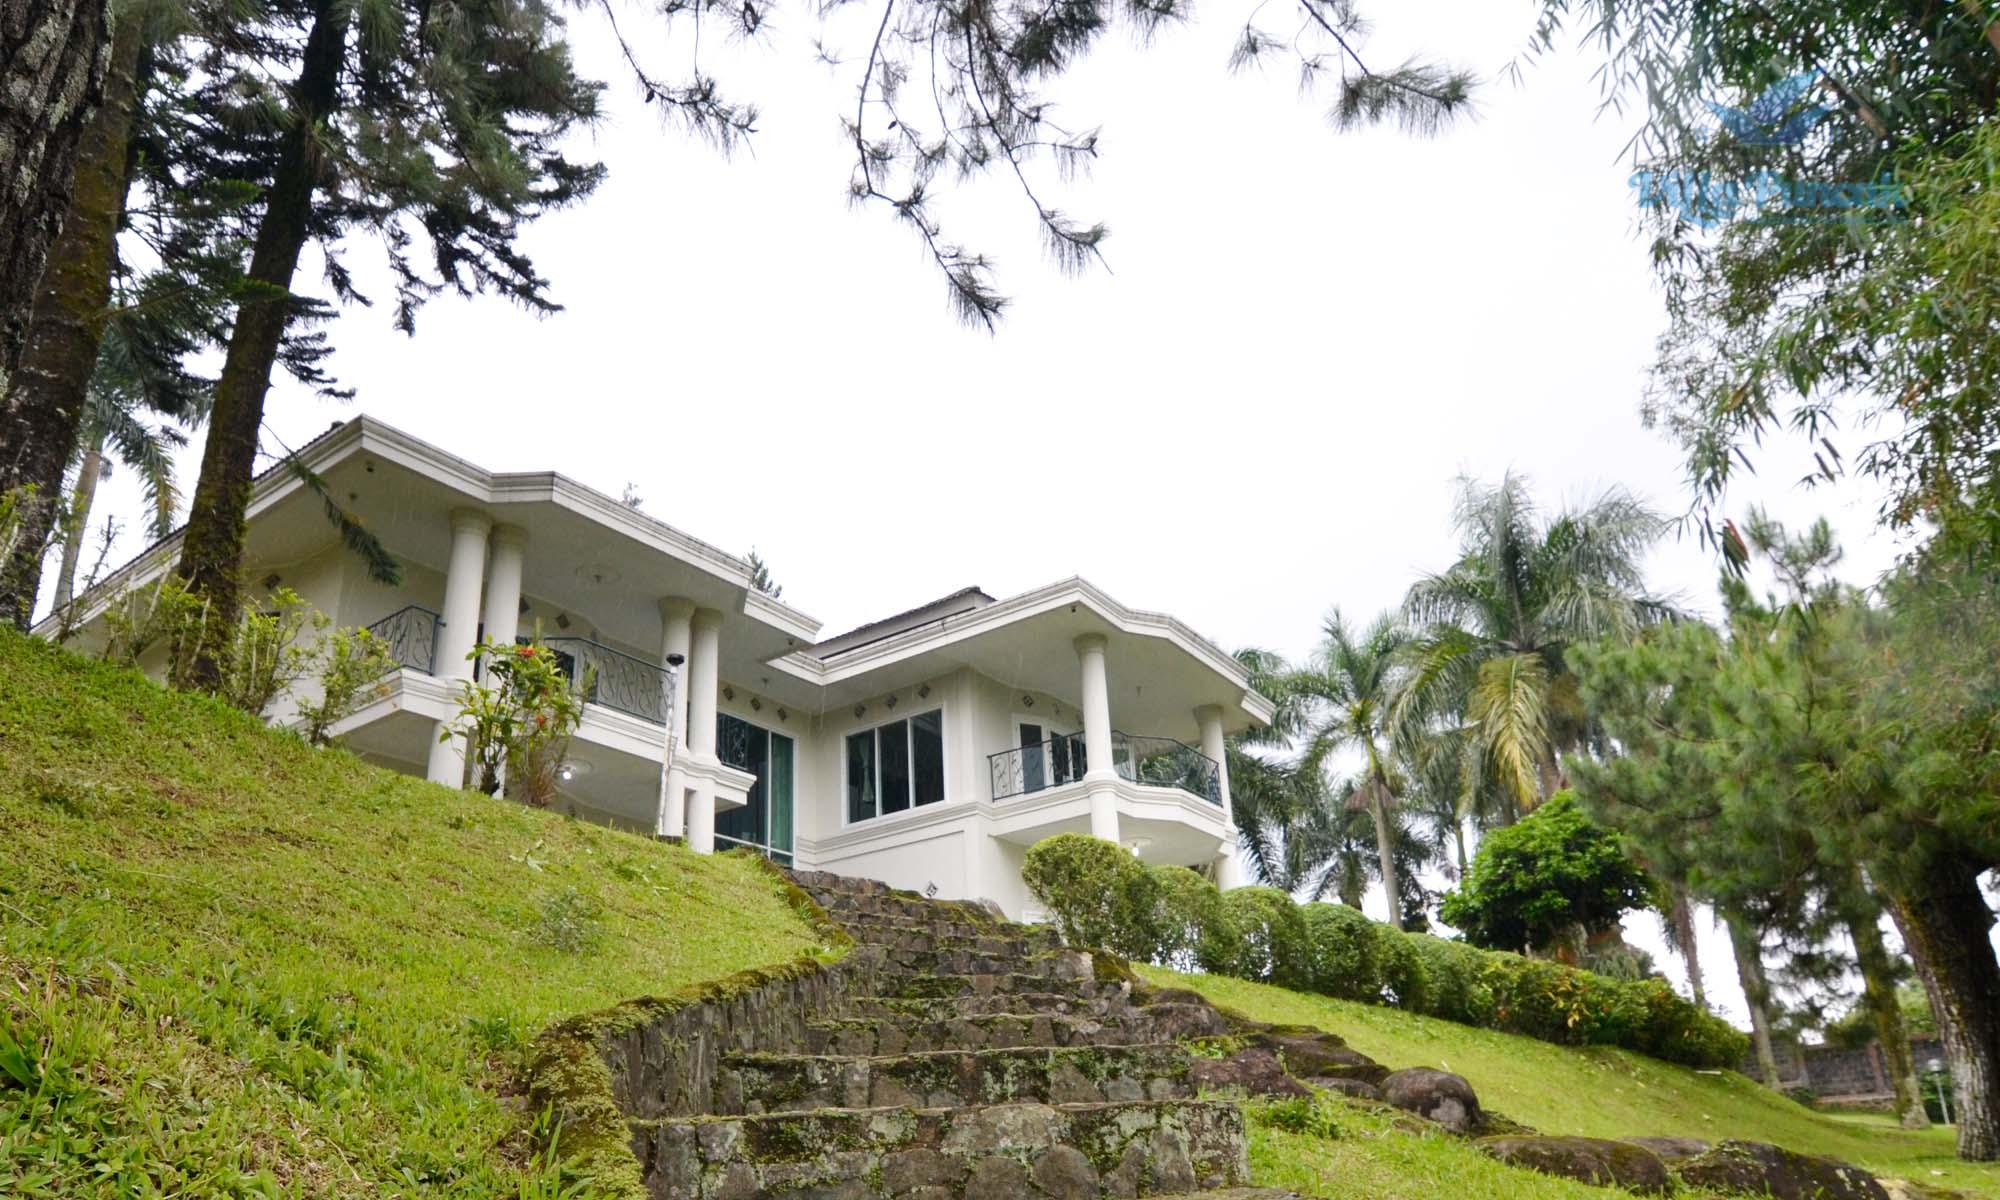 Villa Rumah Gunung: Villa View Bagus di Puncak Mewah ...